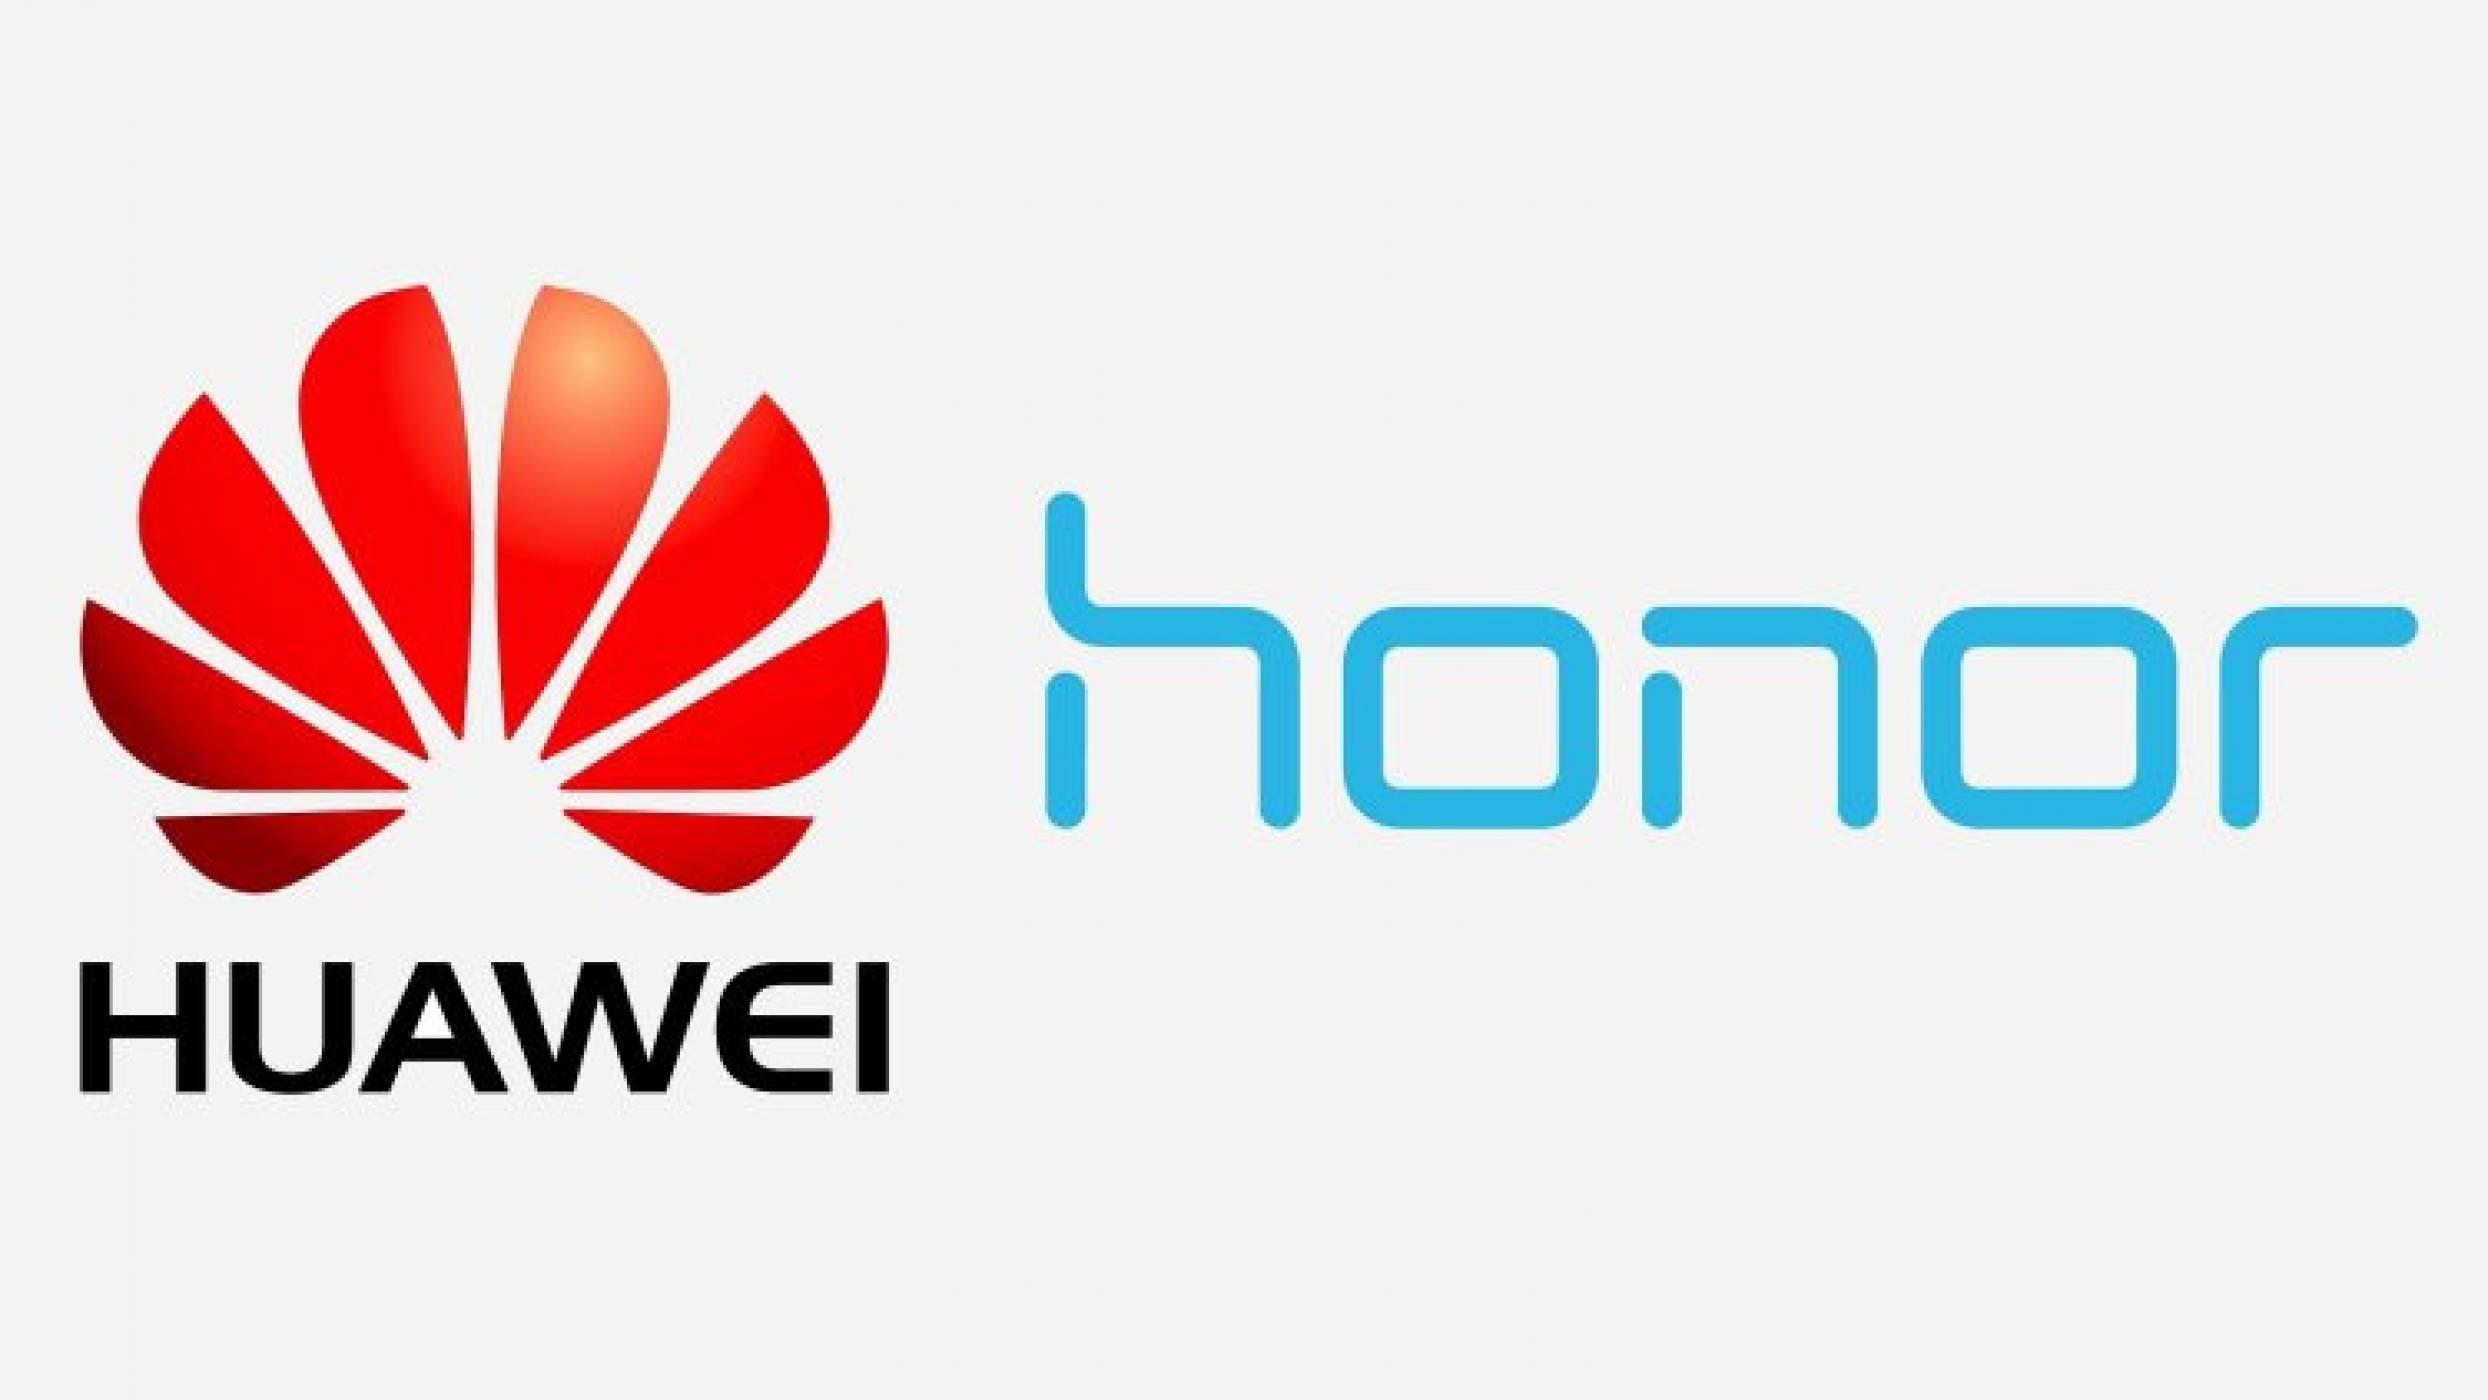 Huawei и Honor ще превземат върхове (още по) заедно